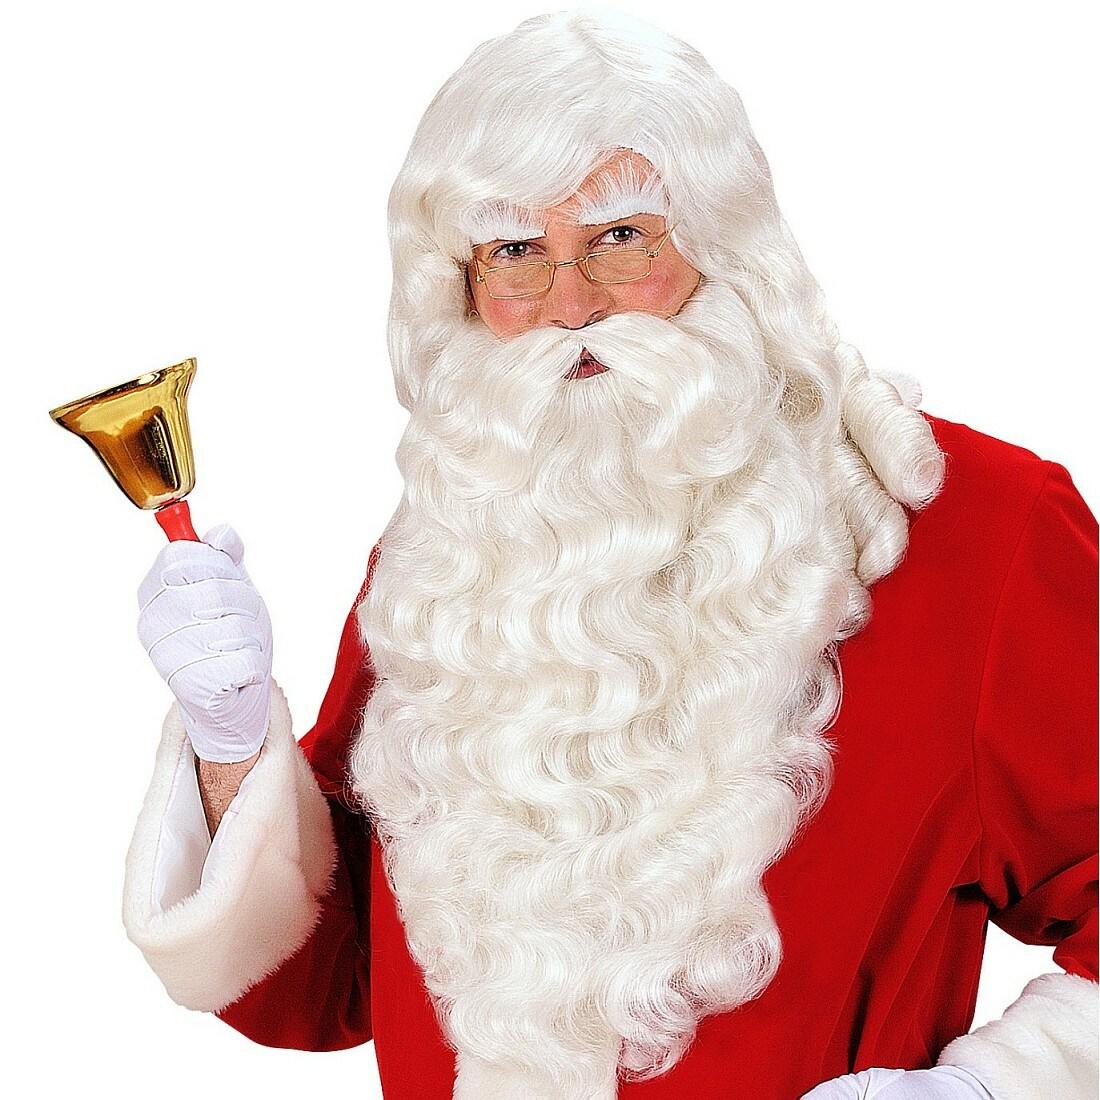 Nikolausbart Bart weiß Nikolaus Santa Weihnachtsmann Weihnachten Rauschebart neu